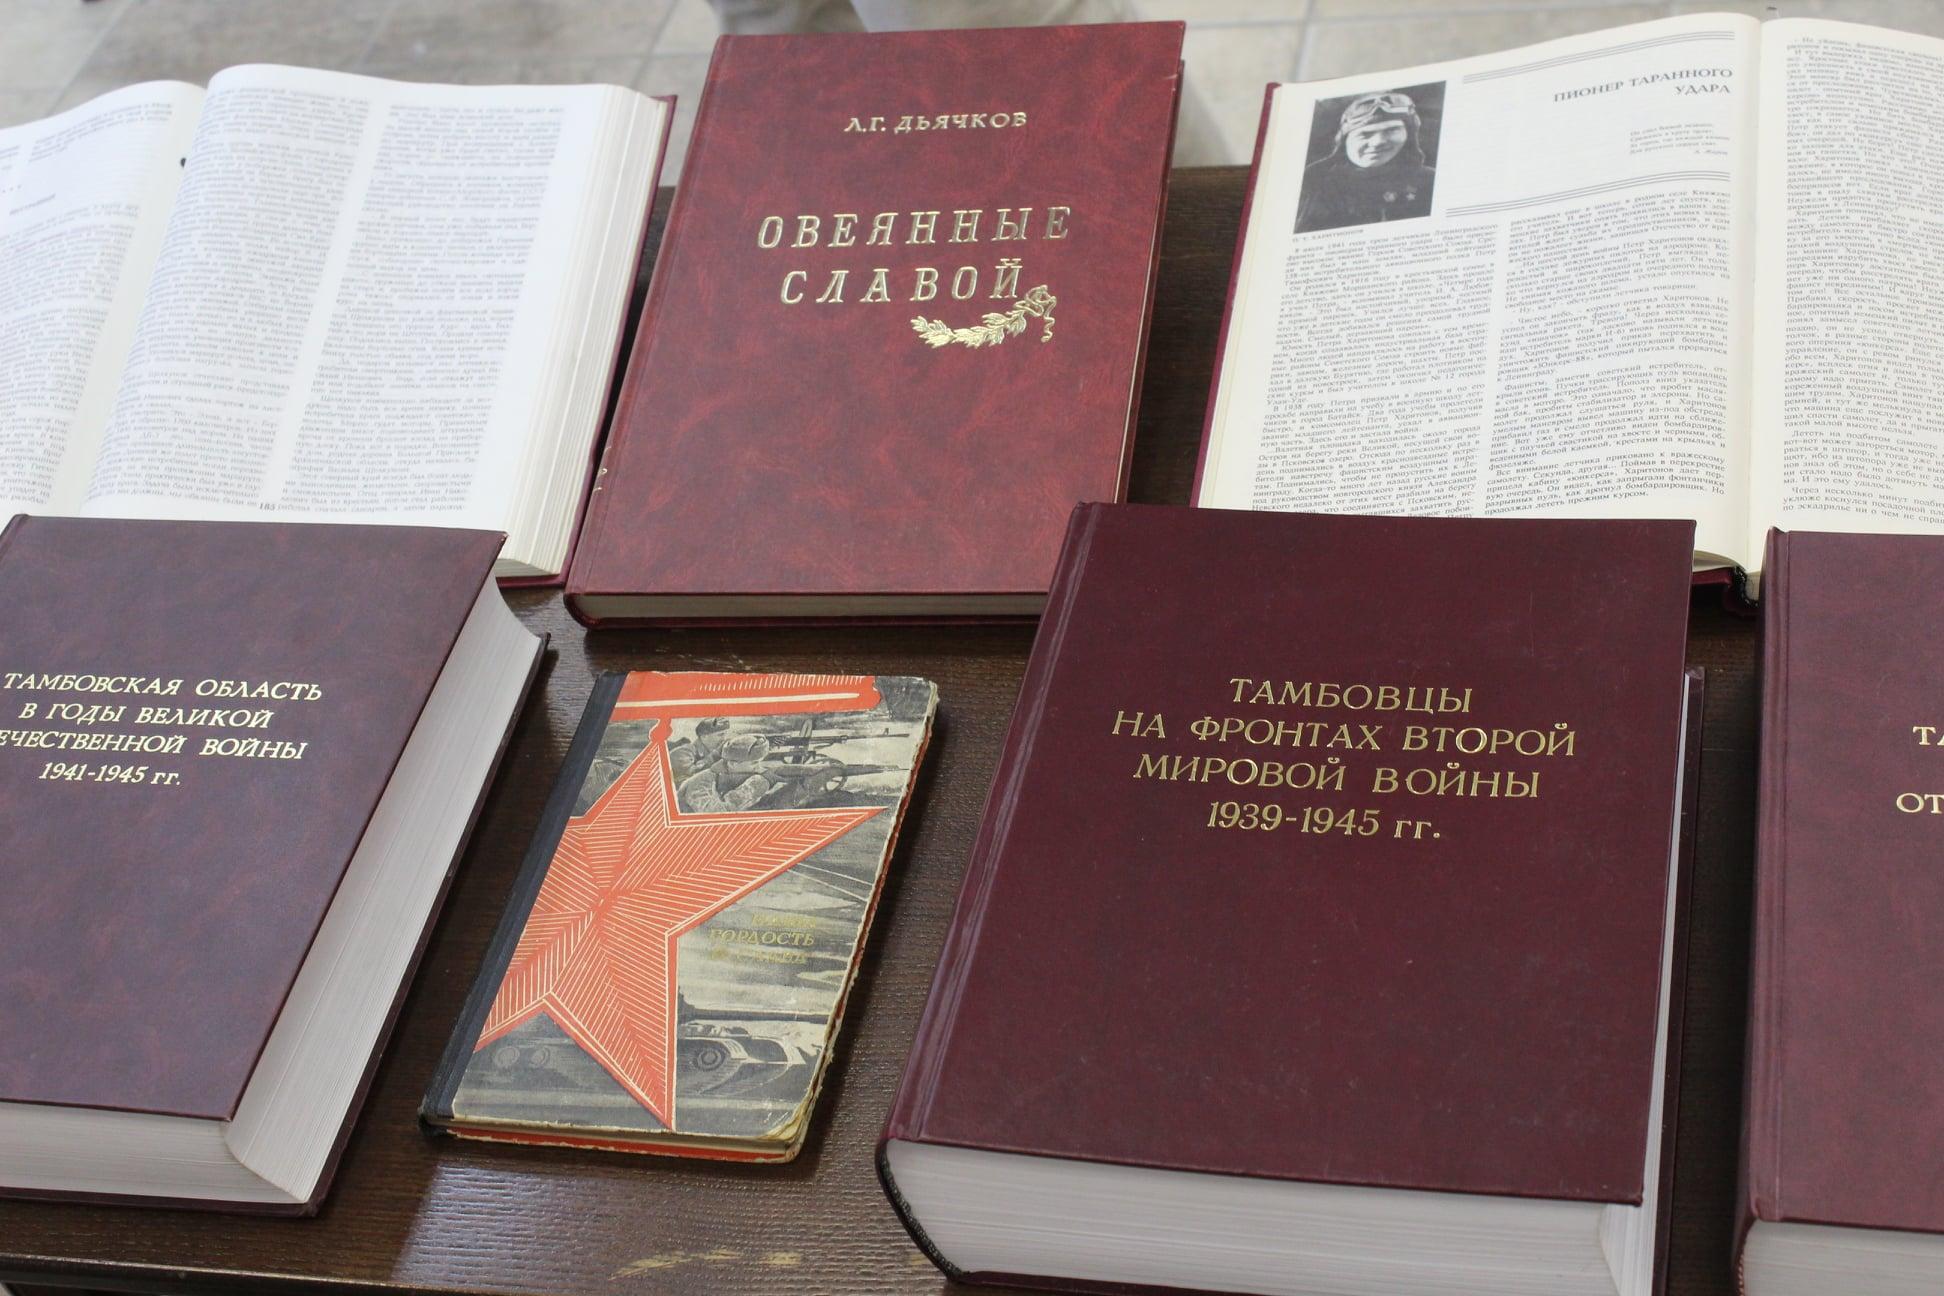 В Тамбове отметили 100 лет со дня рождения известного краеведа Льва Дьячкова